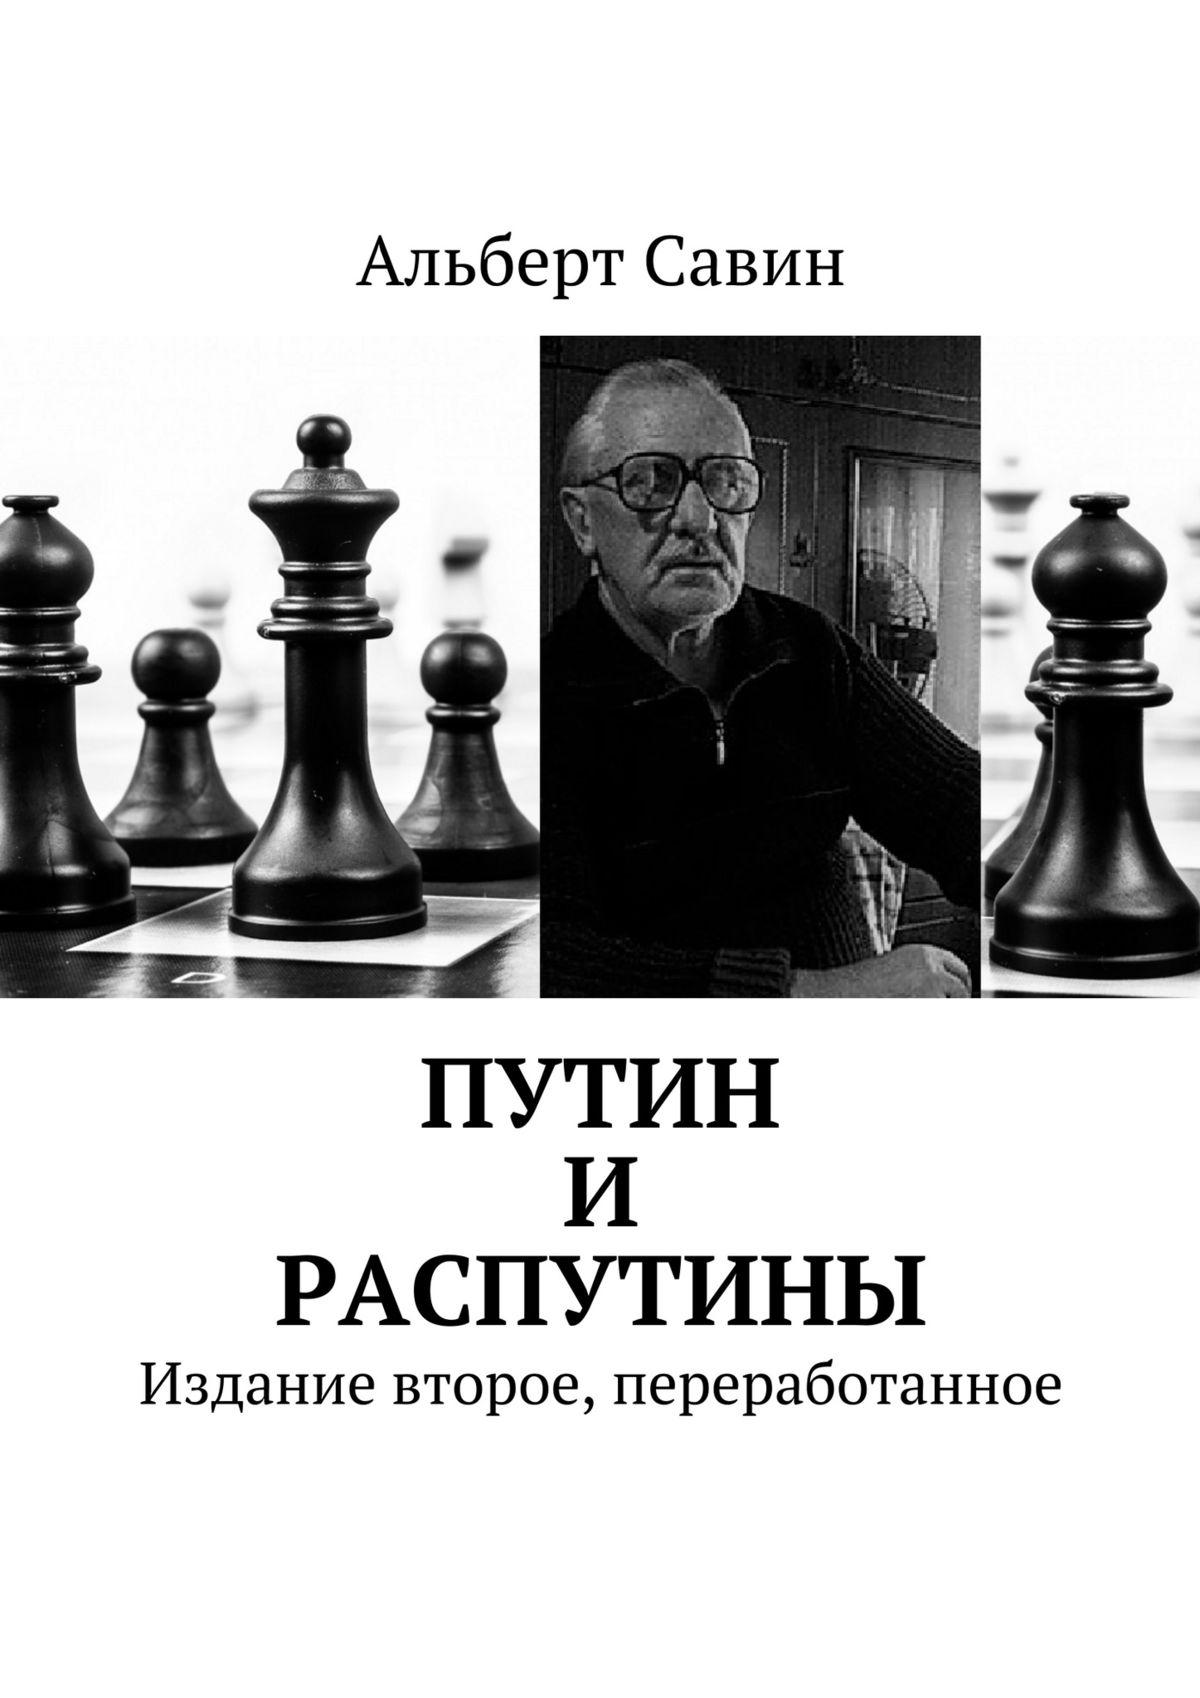 Путин ираспутины. Издание второе, переработанное